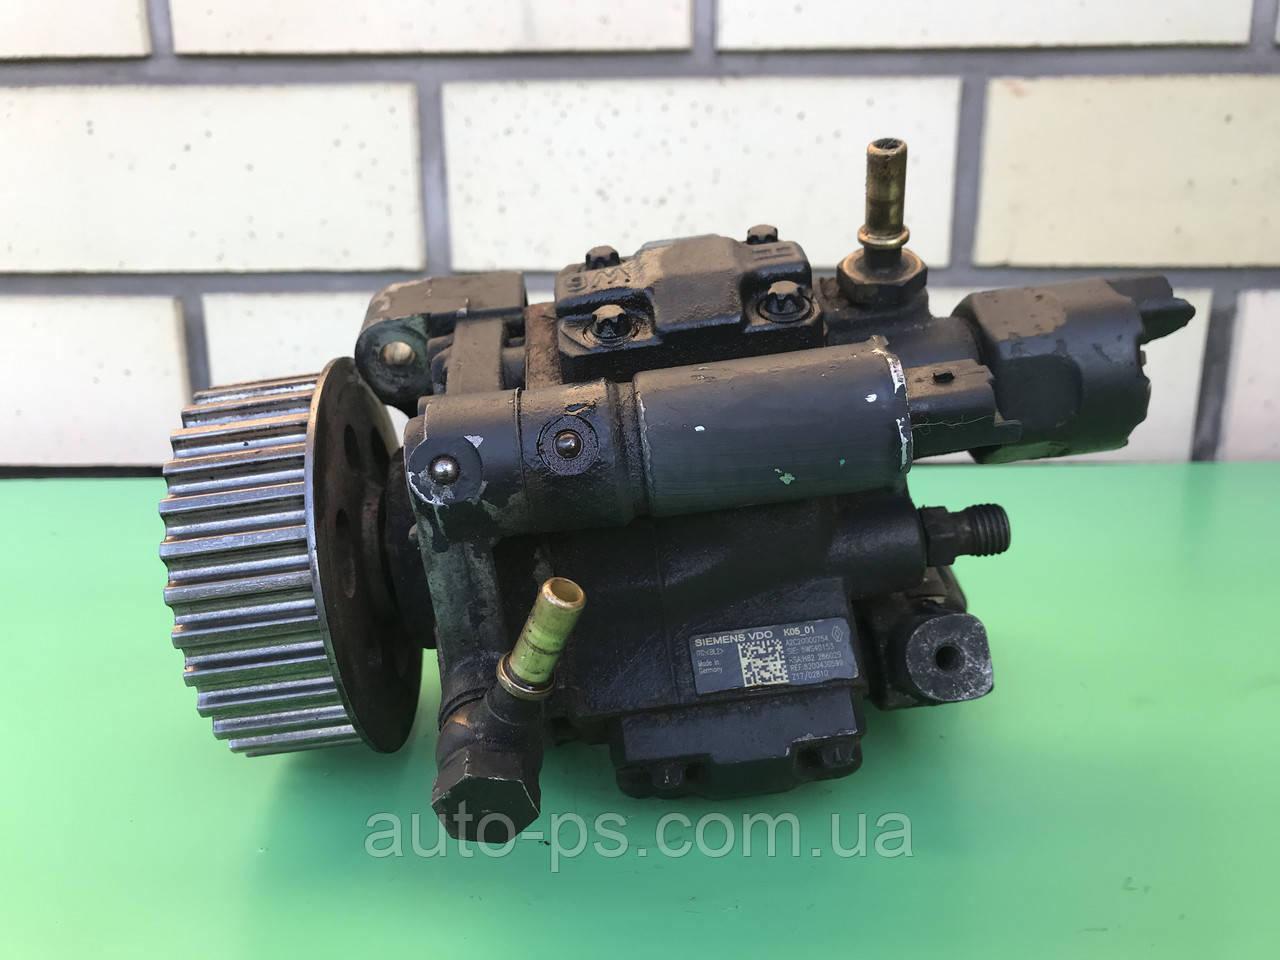 Топливный насос высокого давления (ТНВД) Renault Laguna III 1.5dCi